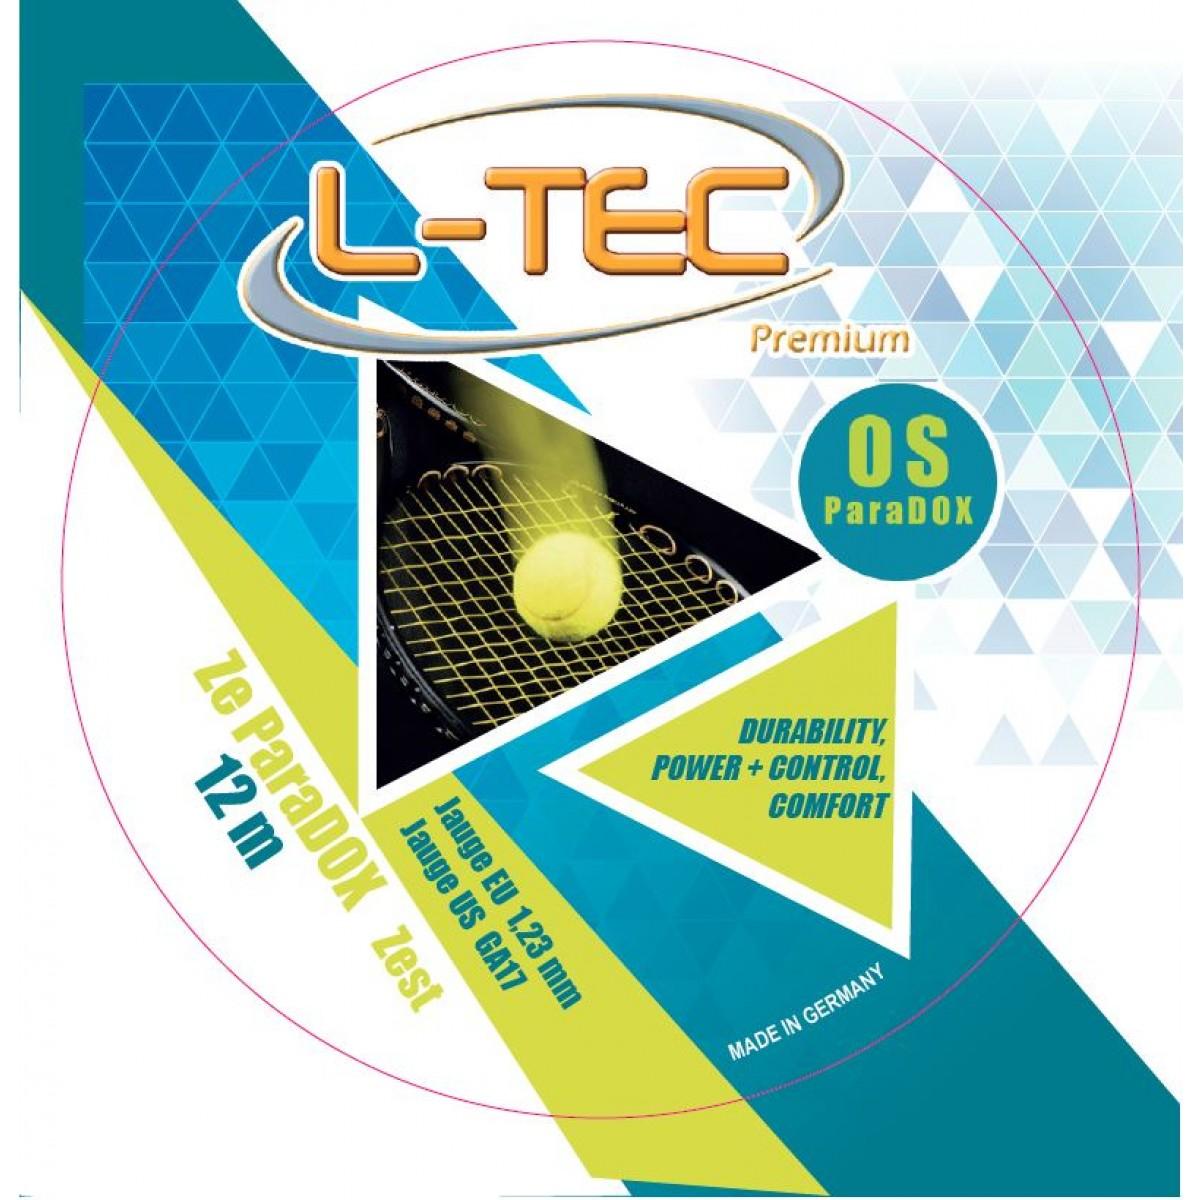 CORDAGE L-TEC OS PARADOX HYBRID (2x 6.50 METRES)